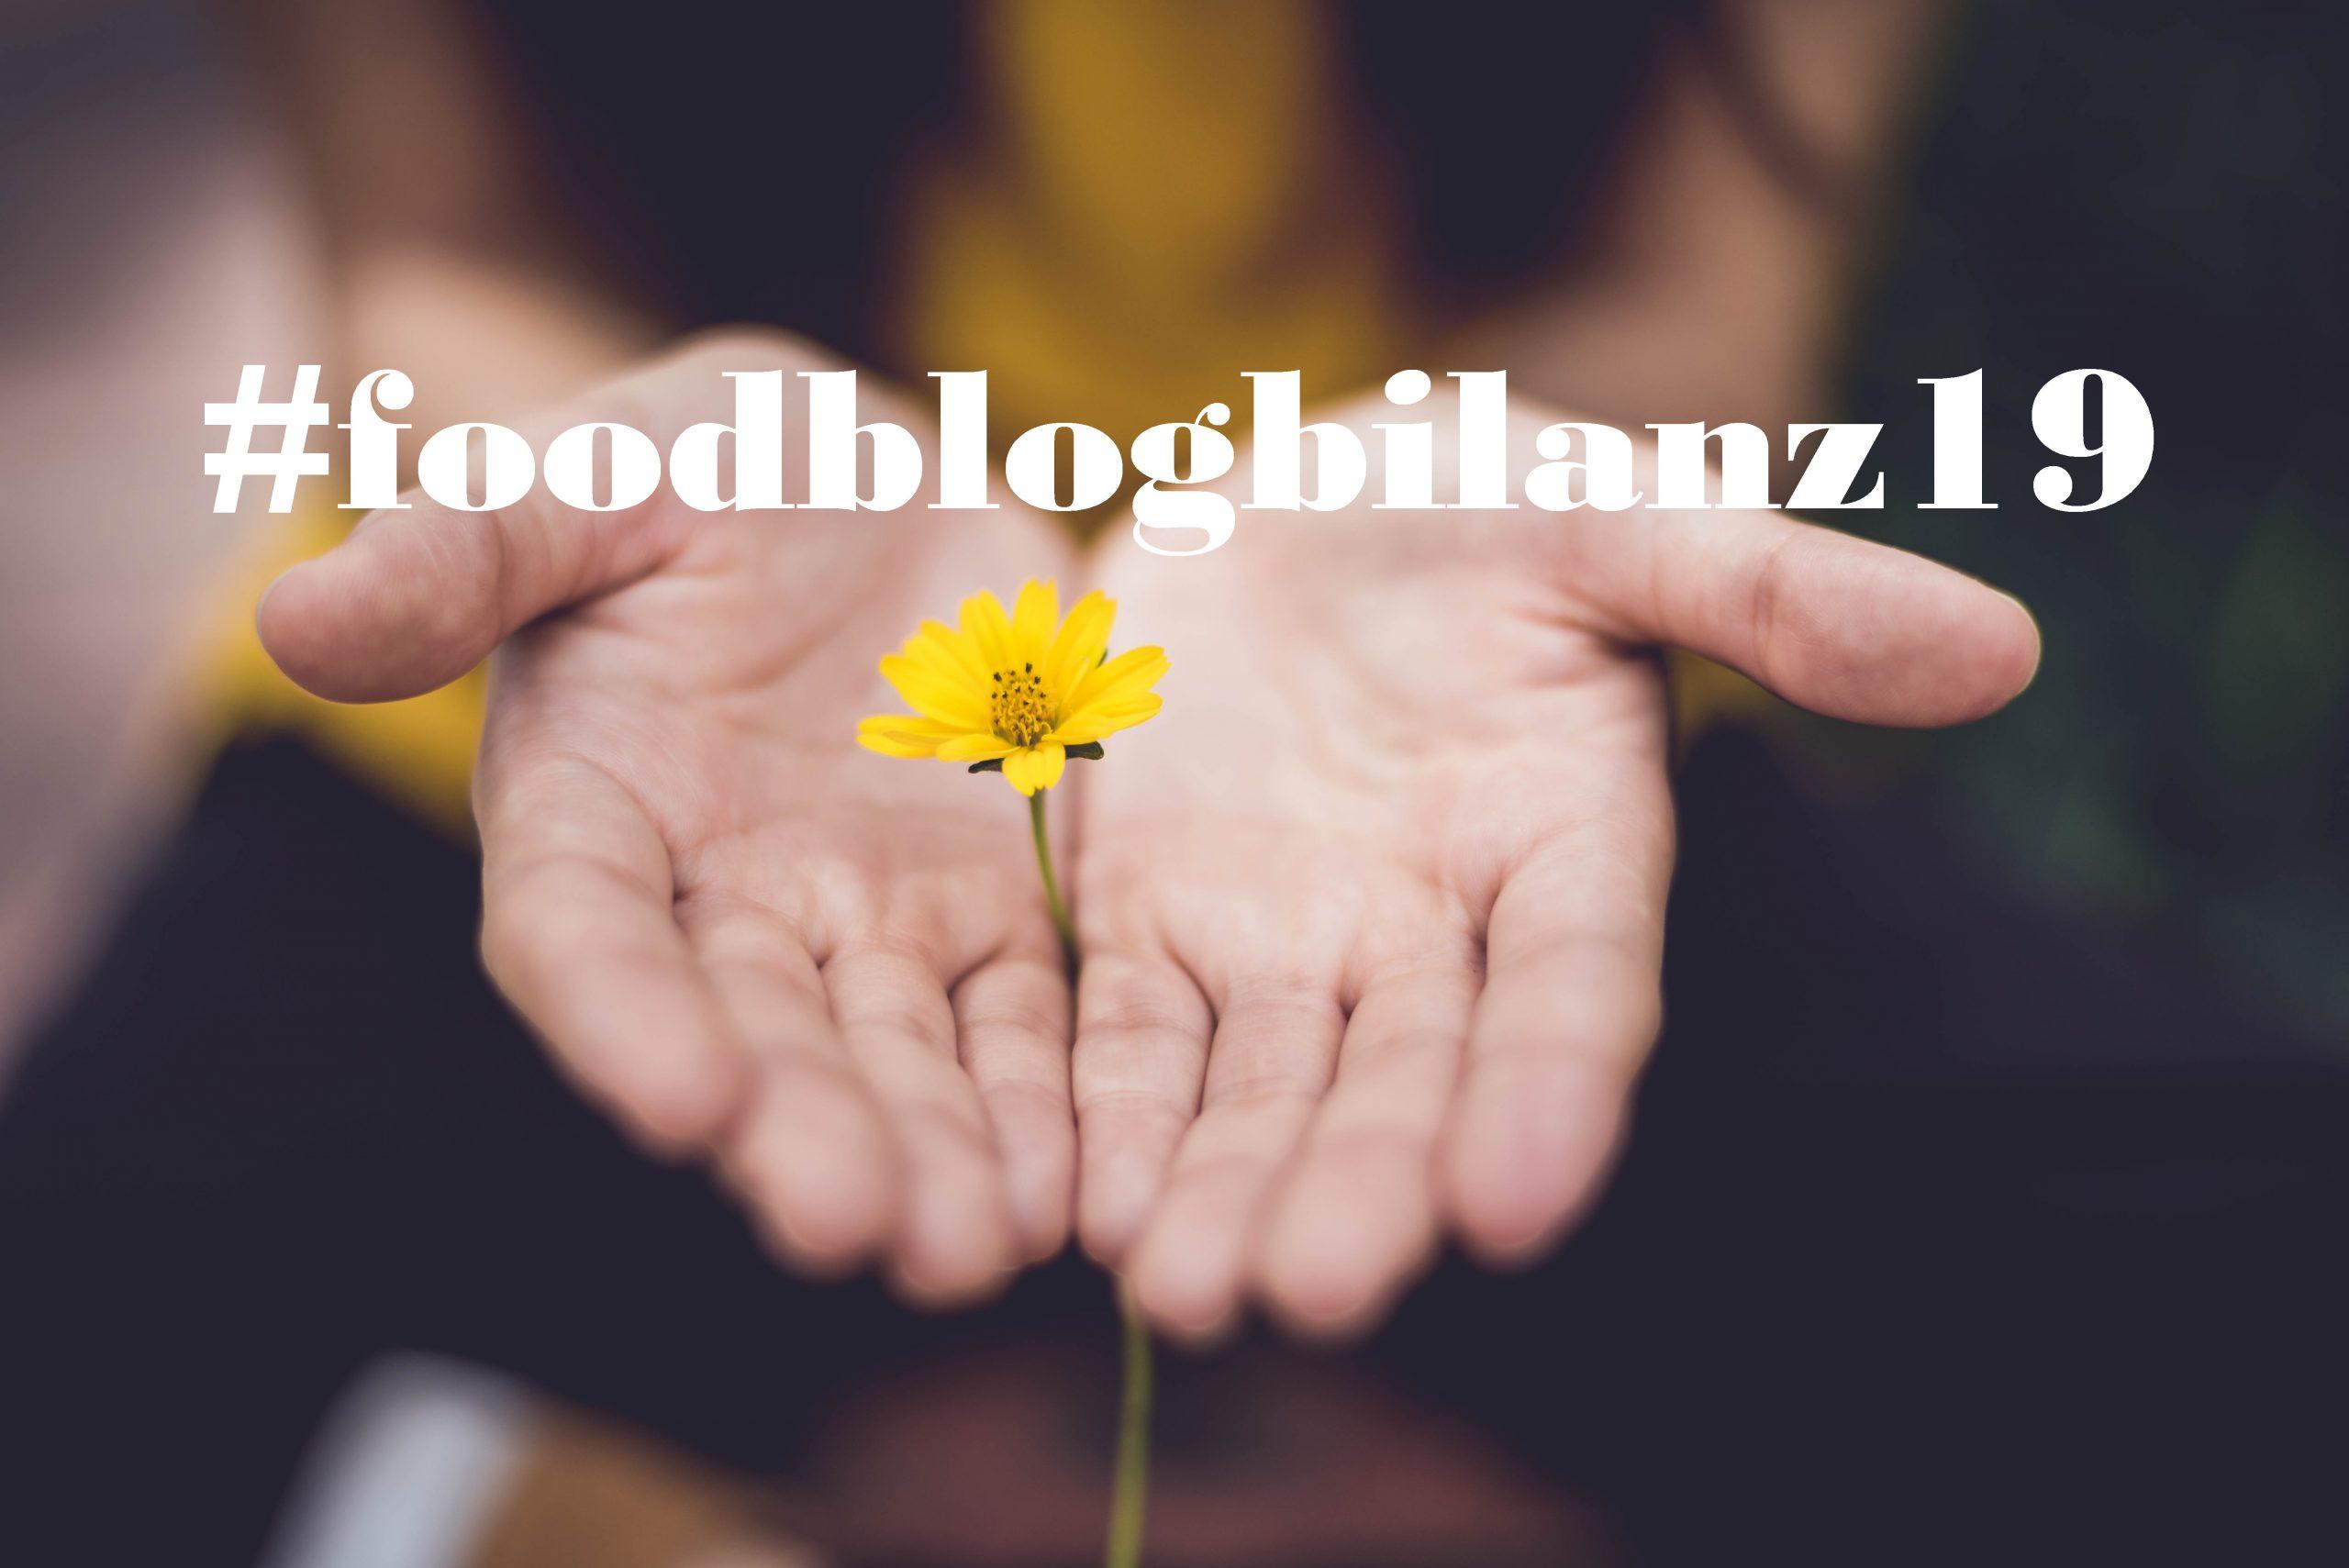 Meine persönliche #foodblogbilanz19 – das war unser kulinarisches Jahr 2019!